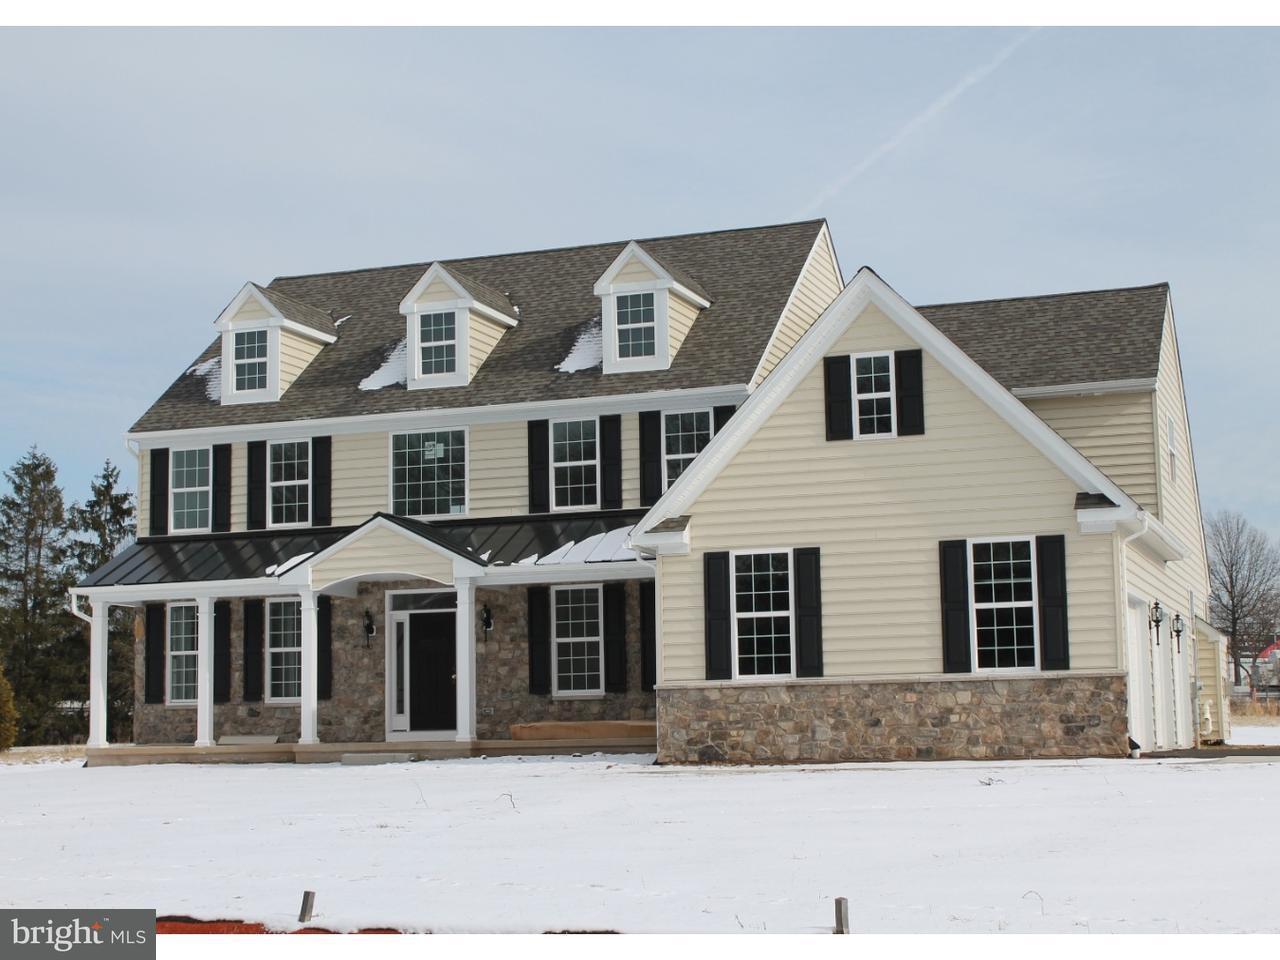 Частный односемейный дом для того Продажа на 2210 WEBER Road Lansdale, Пенсильвания 19446 Соединенные Штаты